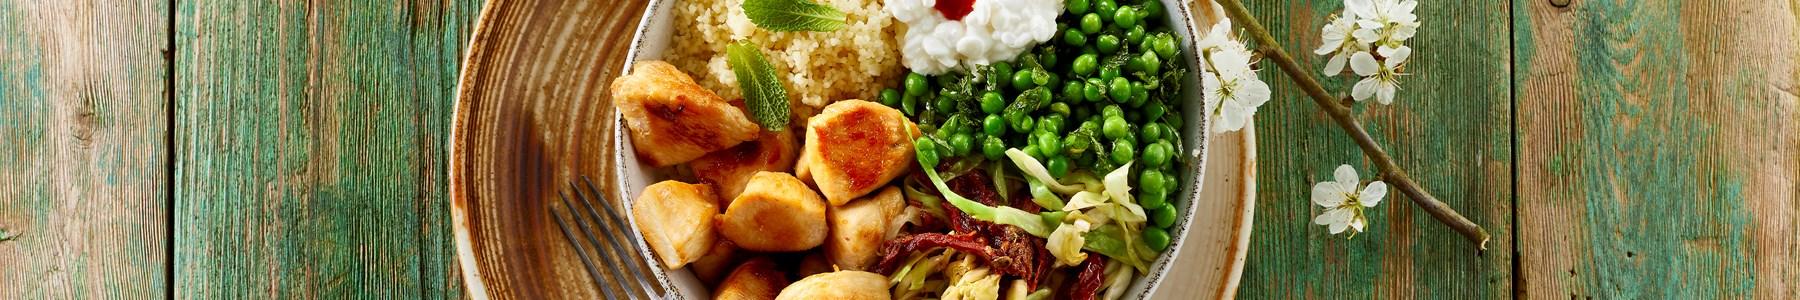 Hurtig + Salater + Spidskål + Efterår